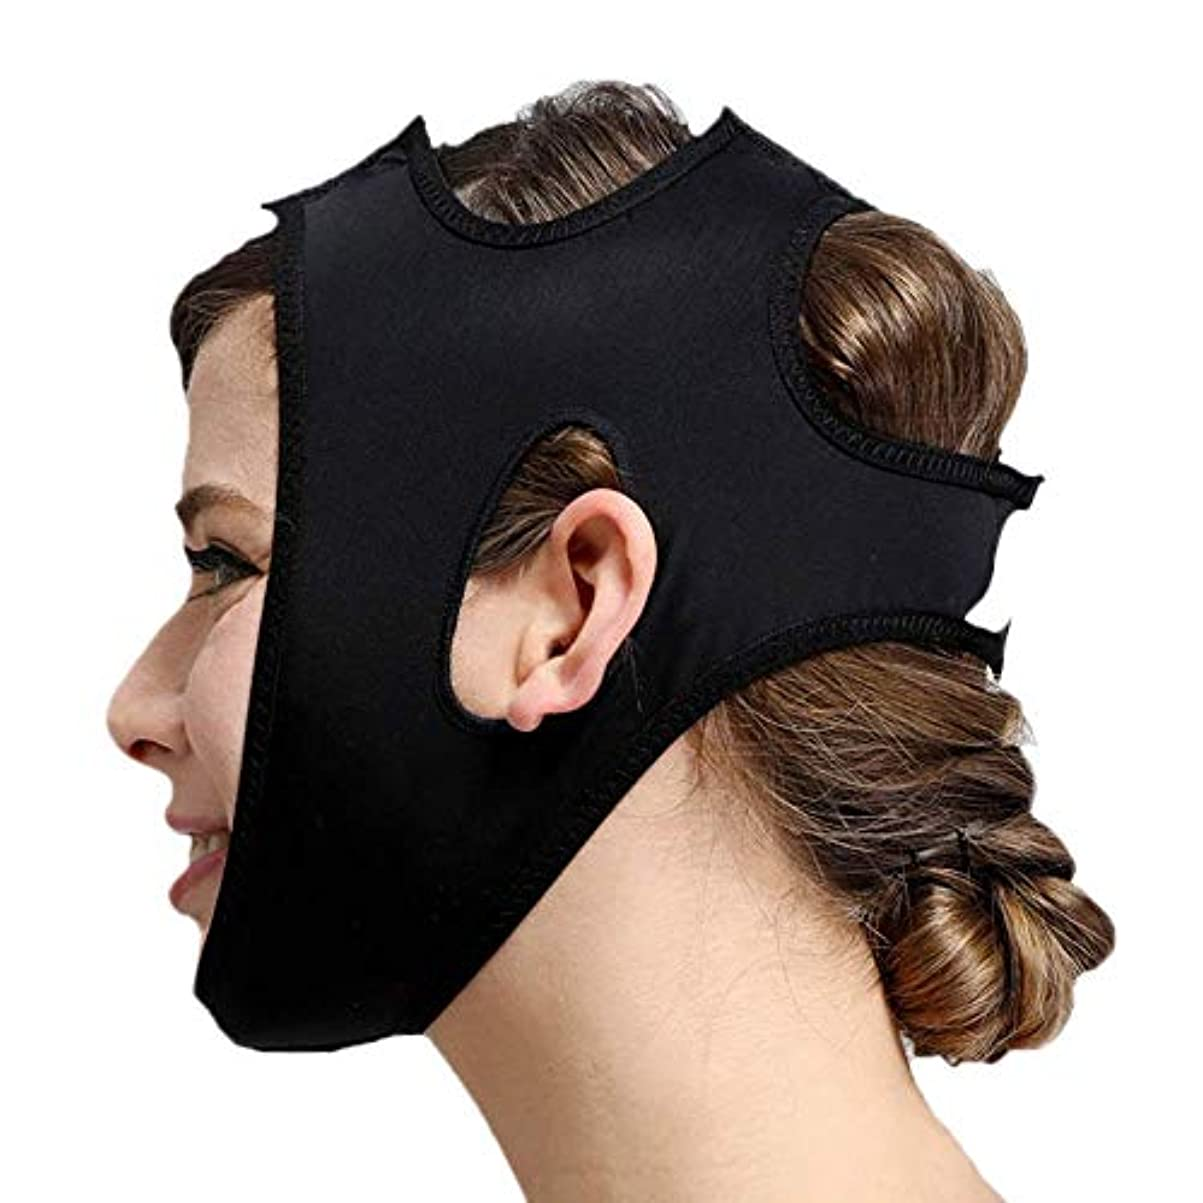 忘れられない州お風呂フェイススリミングマスク、快適さと通気性、フェイシャルリフティング、輪郭の改善された硬さ、ファーミングとリフティングフェイス(カラー:ブラック、サイズ:XL),ブラック、XL